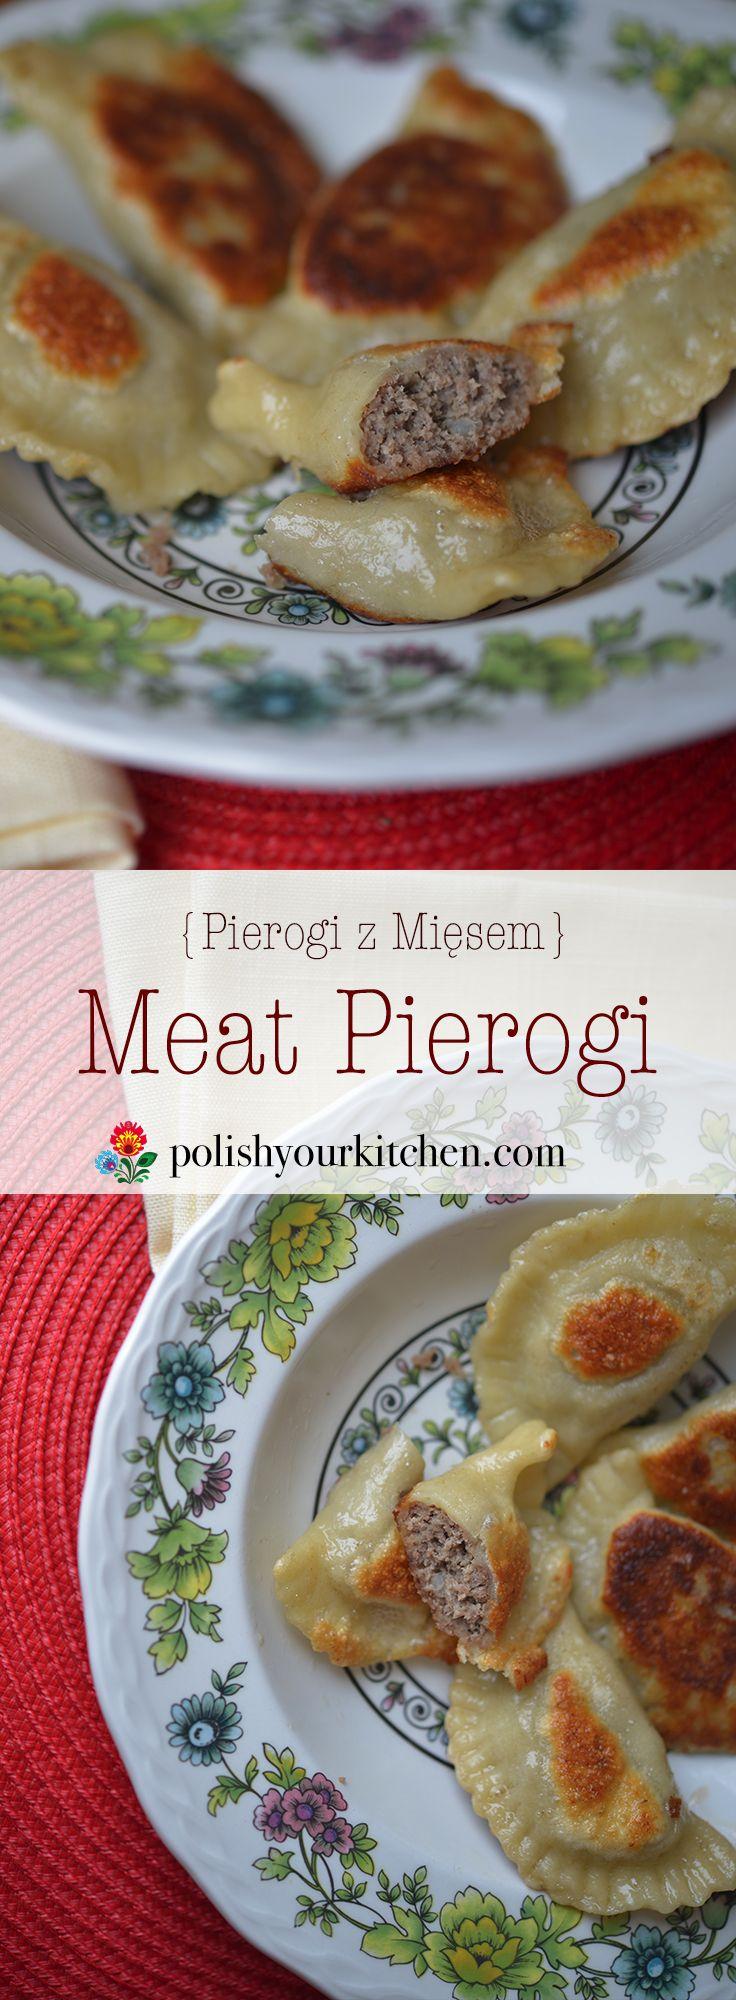 Meat pierogi my favorite Polish food www.polishyourkitchen.com